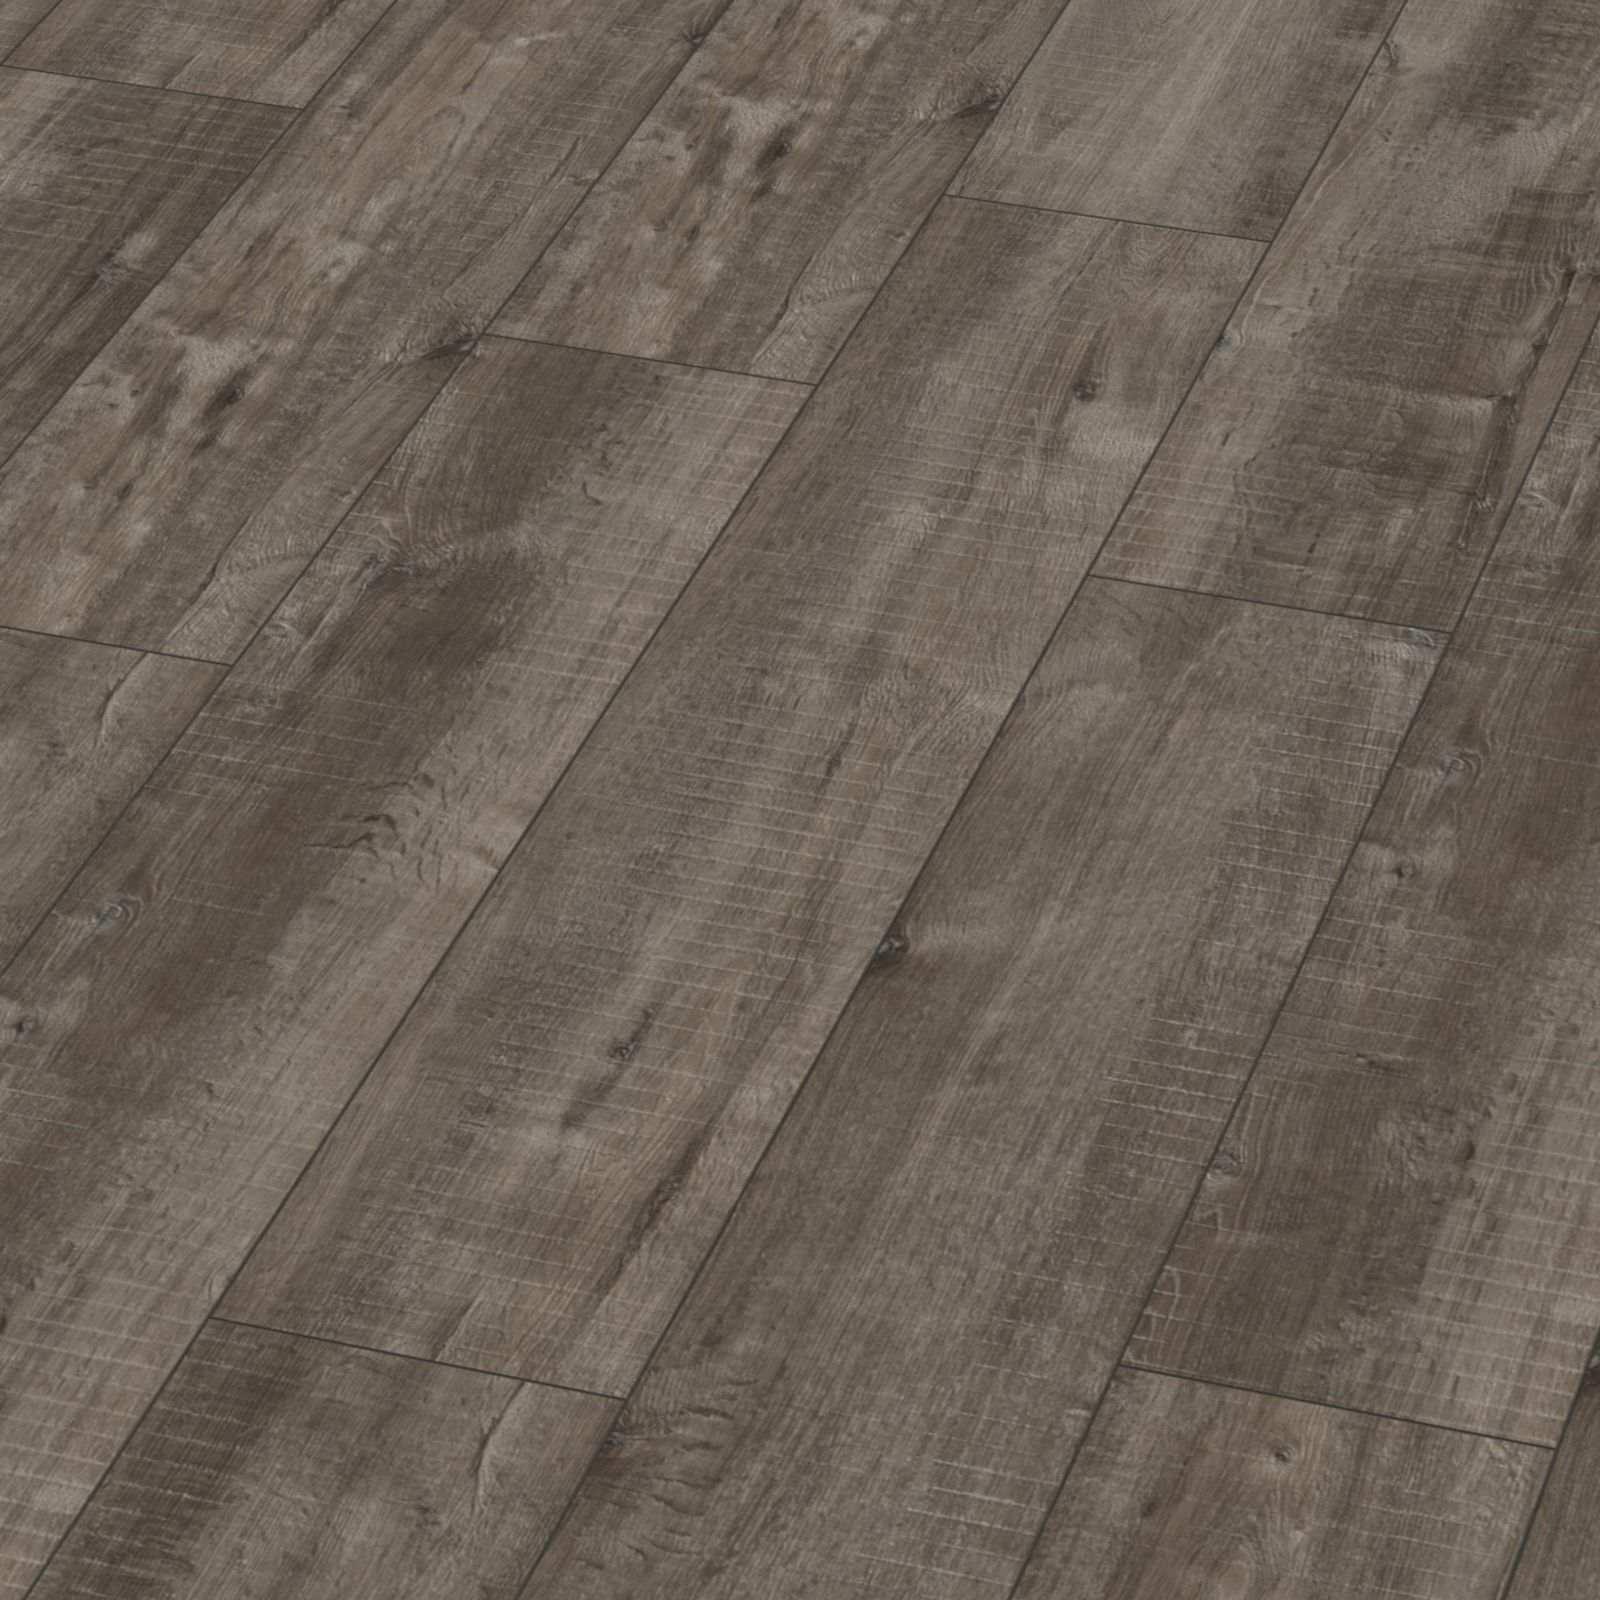 kronotex exquisit plus gala eiche titan d4785 laminat m u s t e r exquisit plus 8 mm. Black Bedroom Furniture Sets. Home Design Ideas